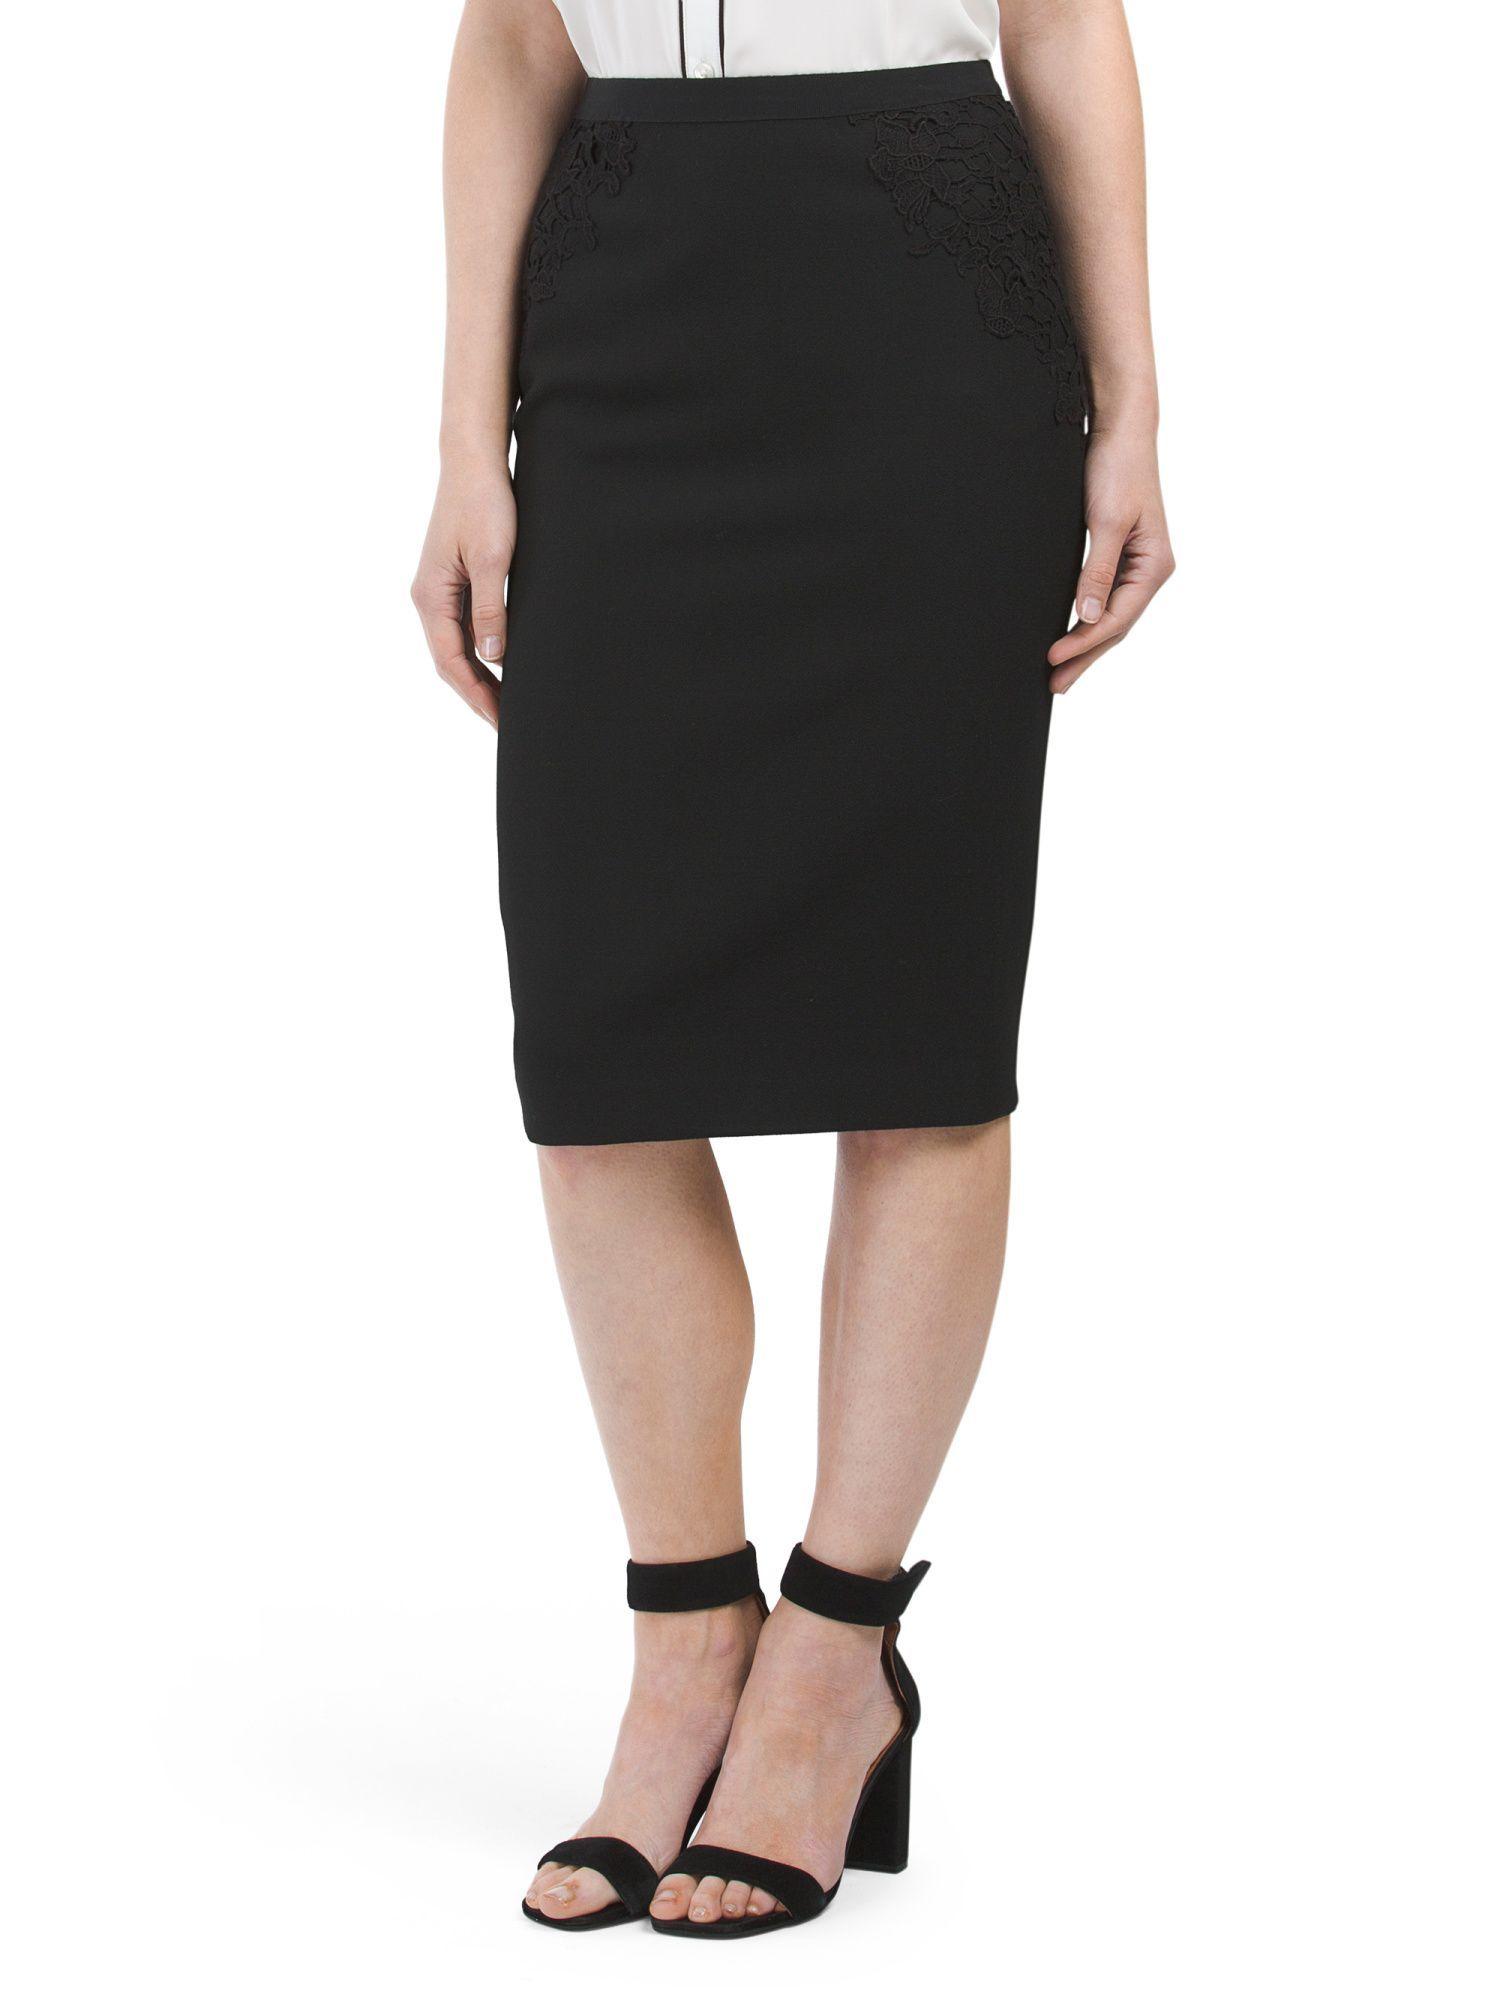 Harla Skirt